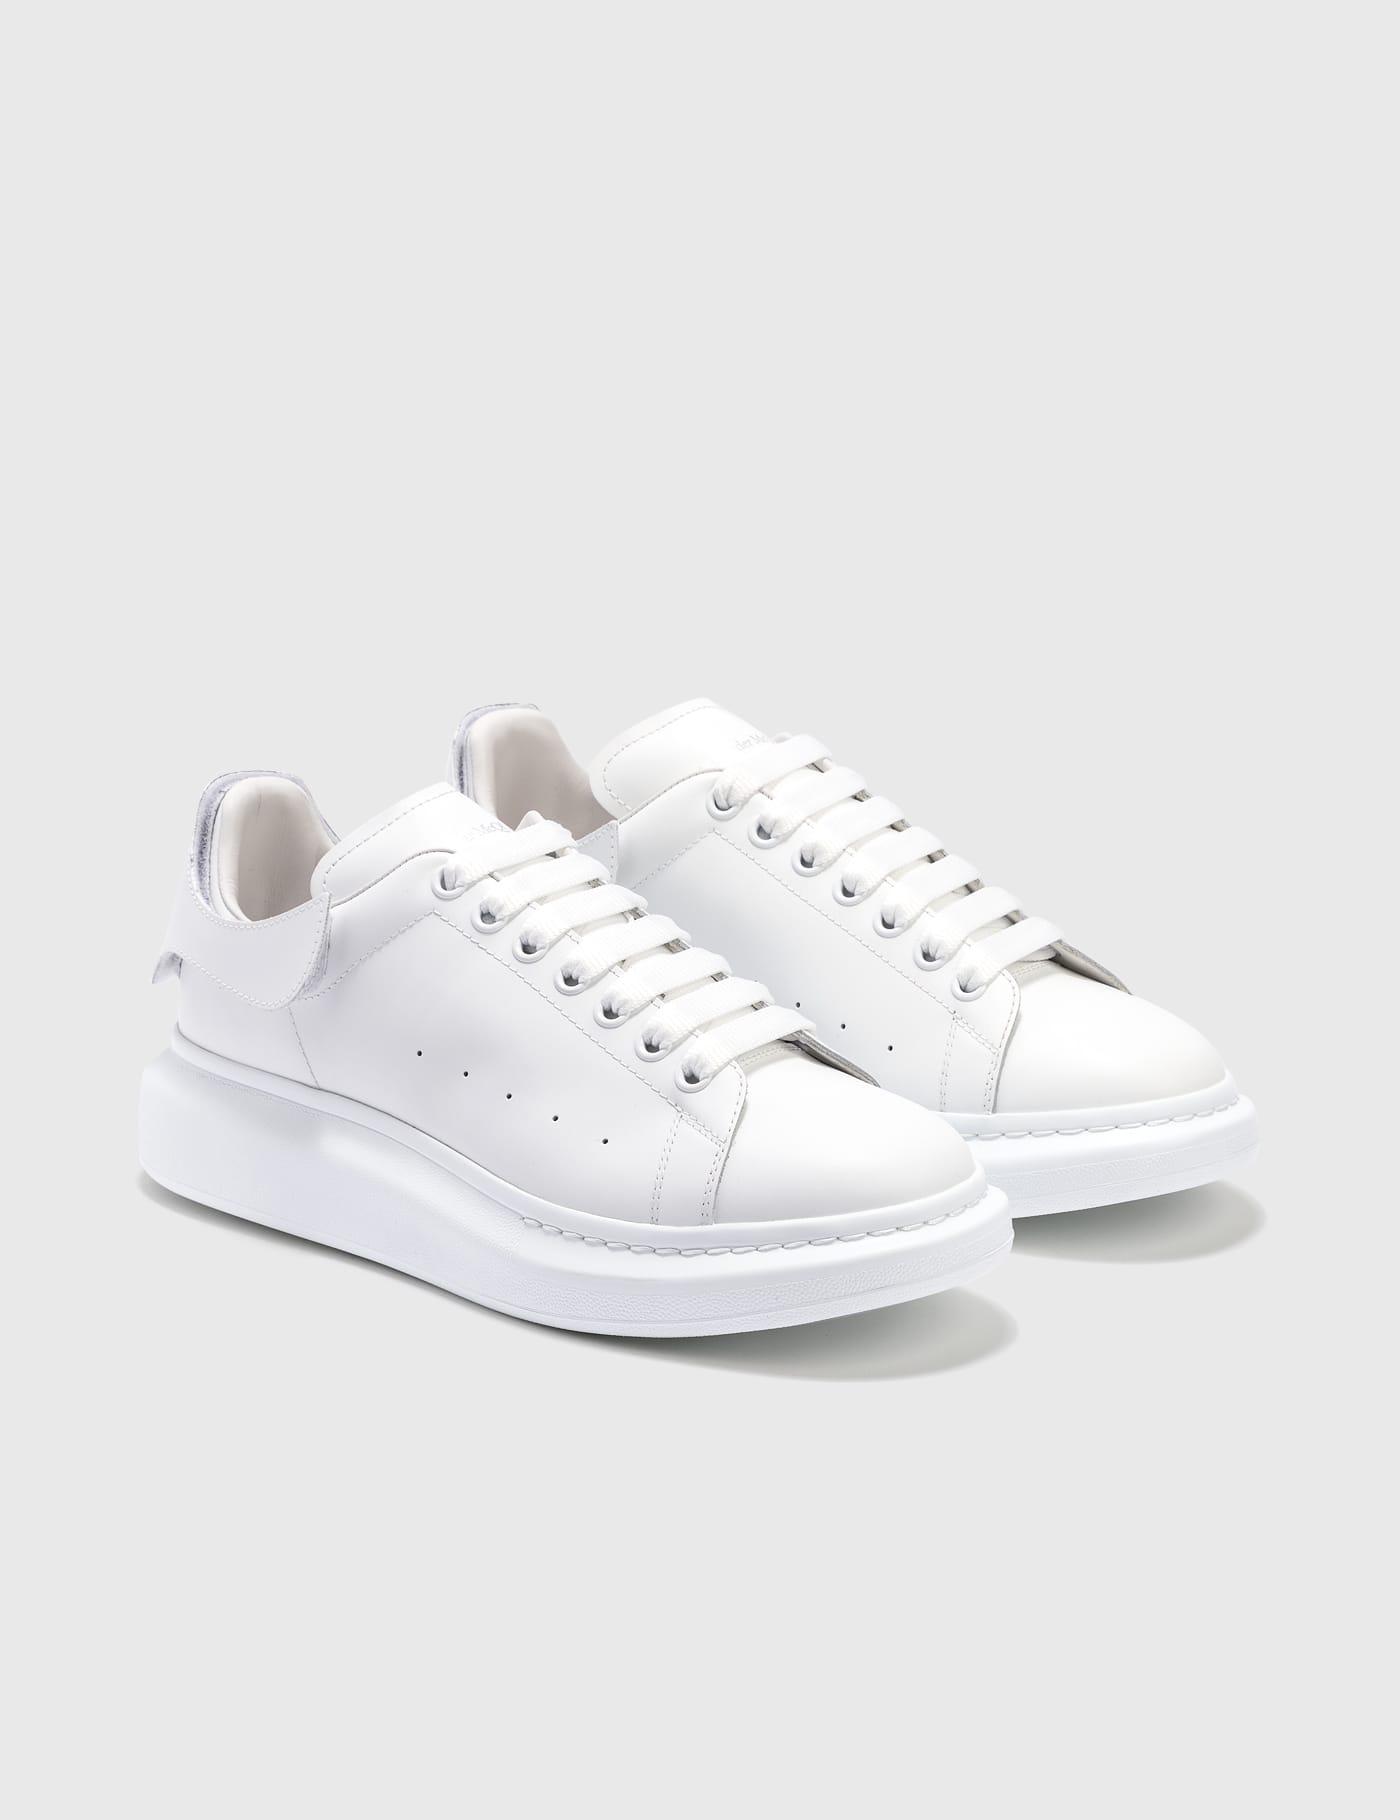 alexander mcqueen sneakers greece